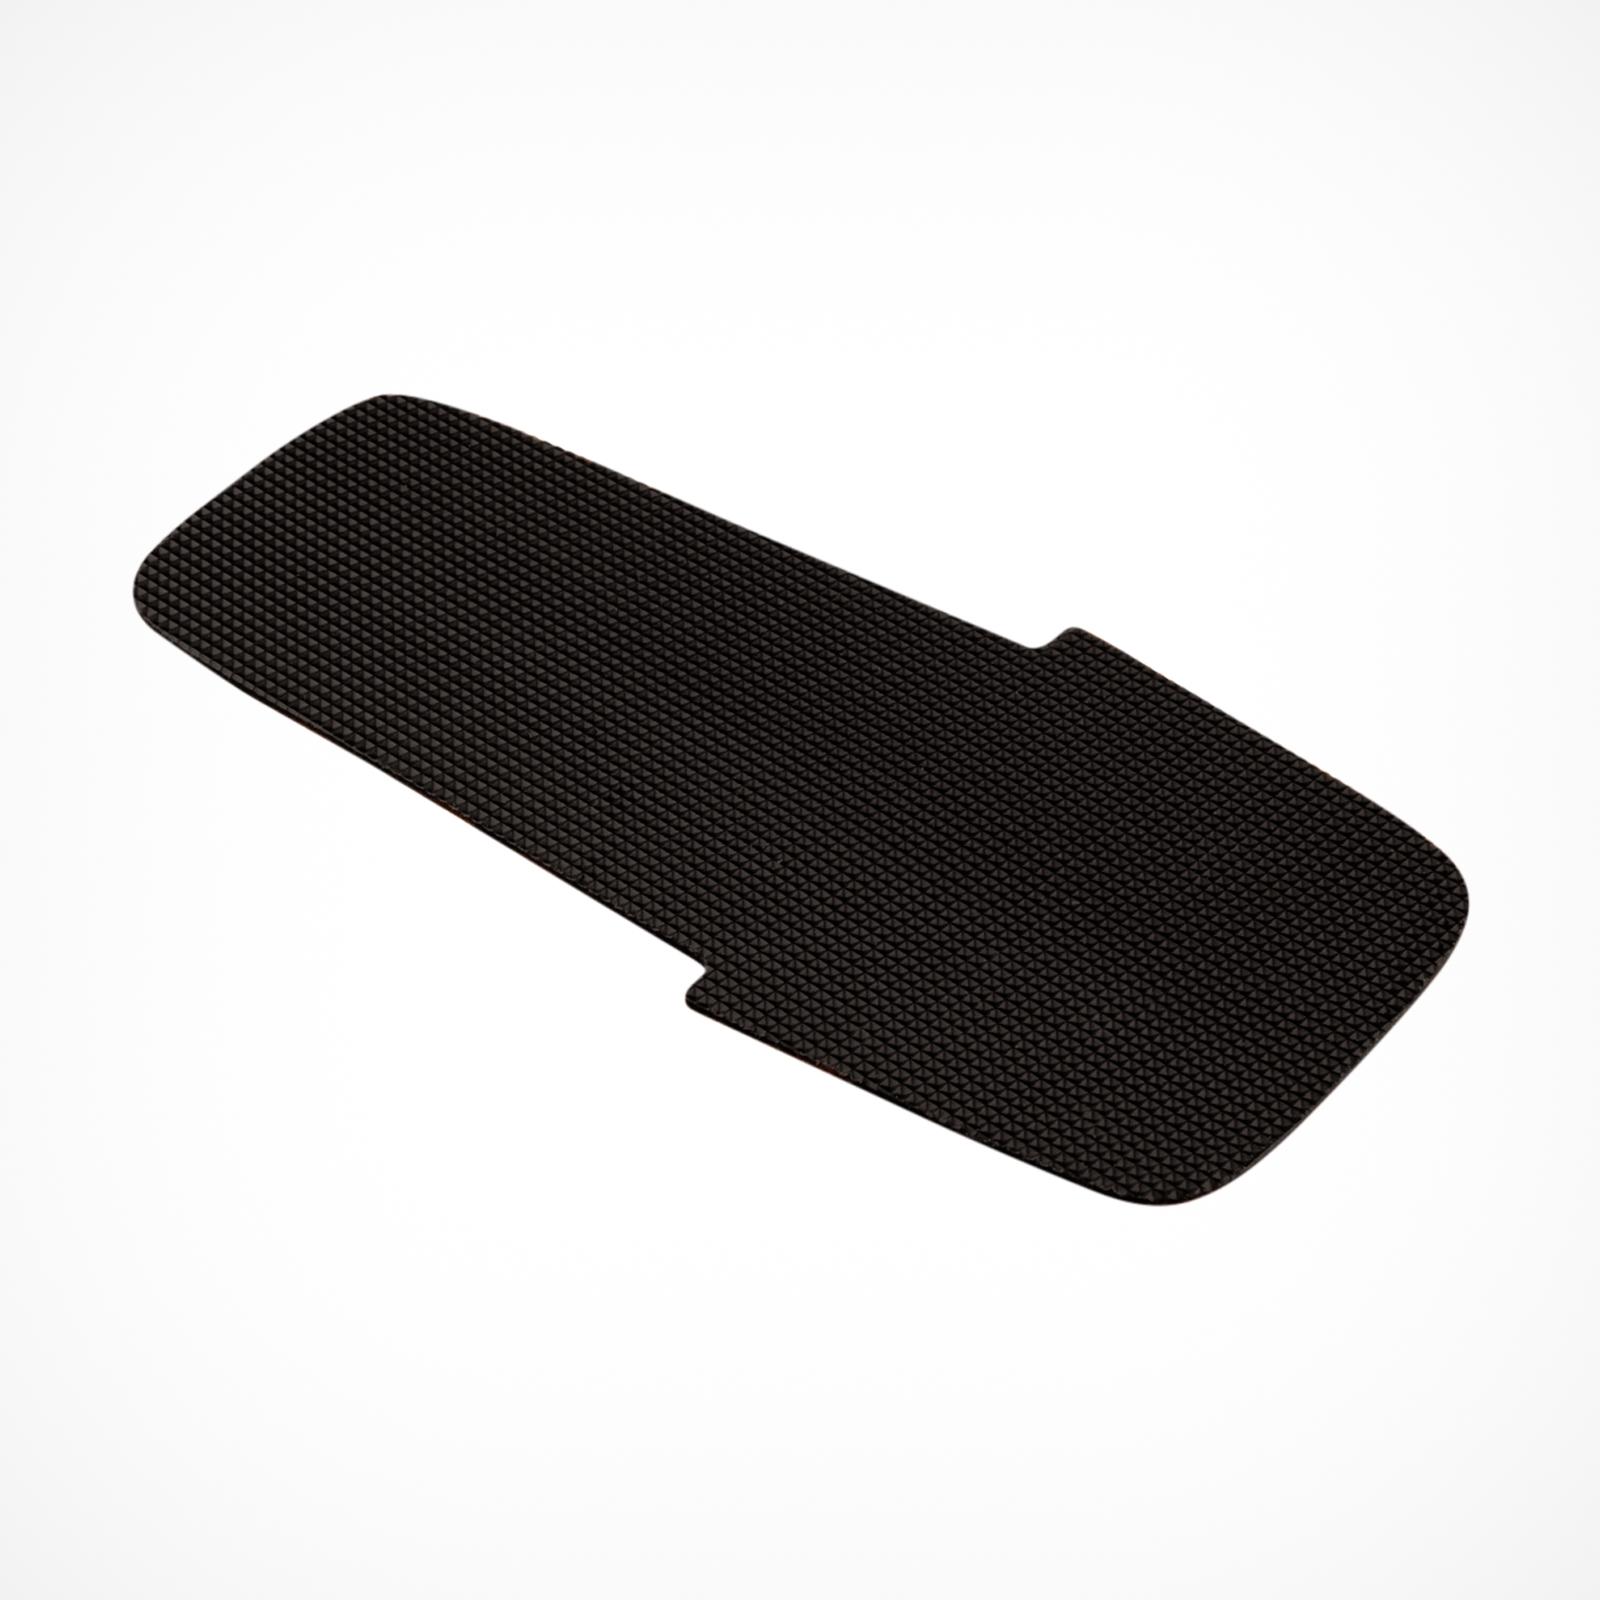 MESLE Grip Tape Neoprene Wide, for waterski bindings, product image